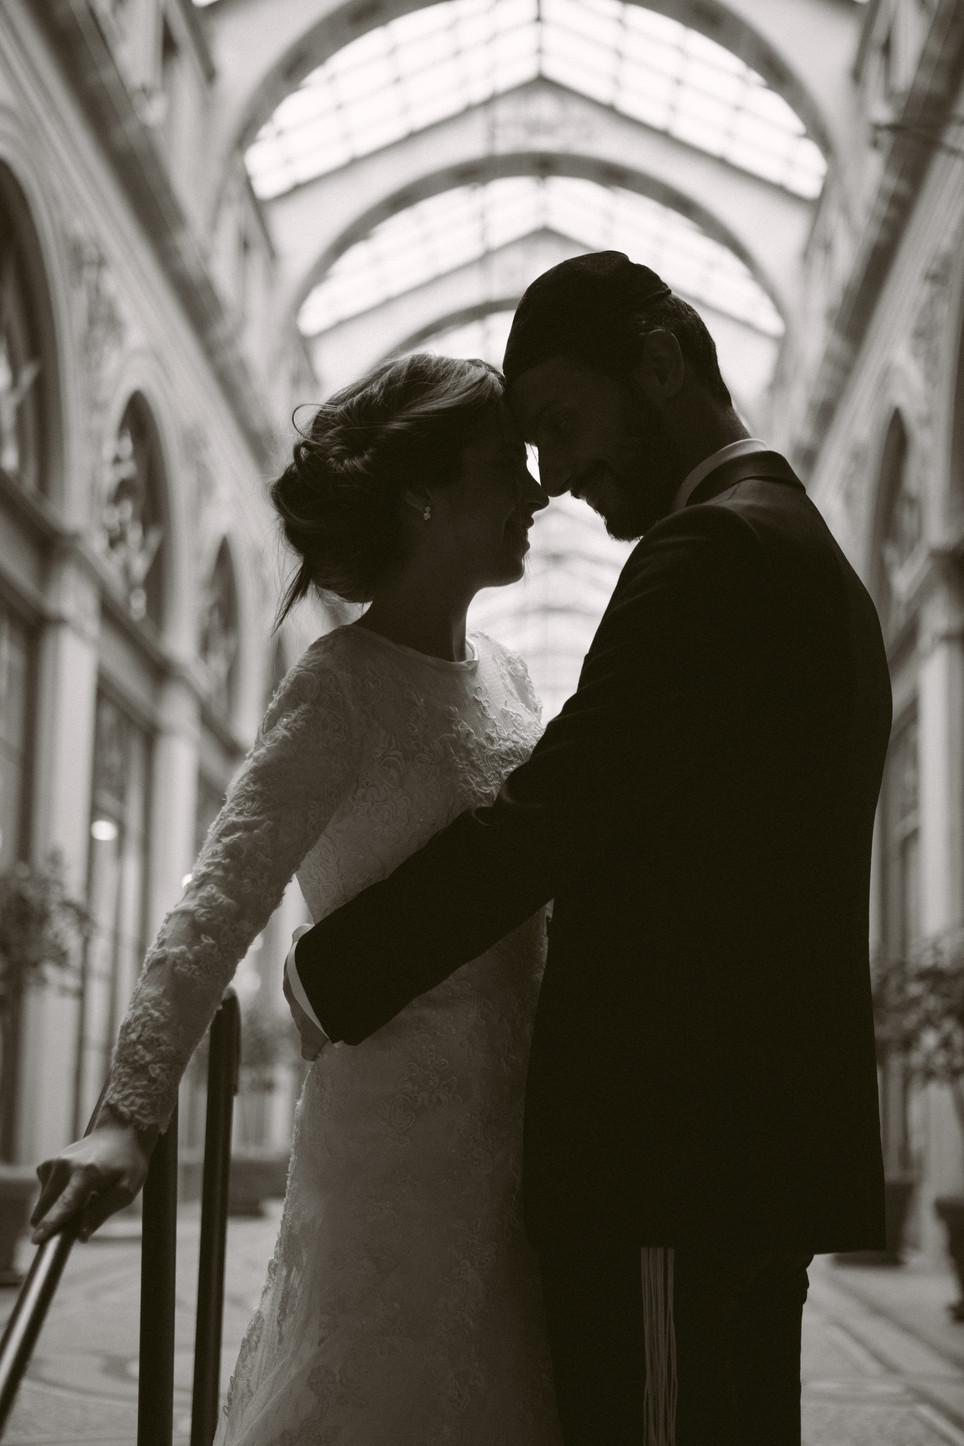 séance couple-183.jpg